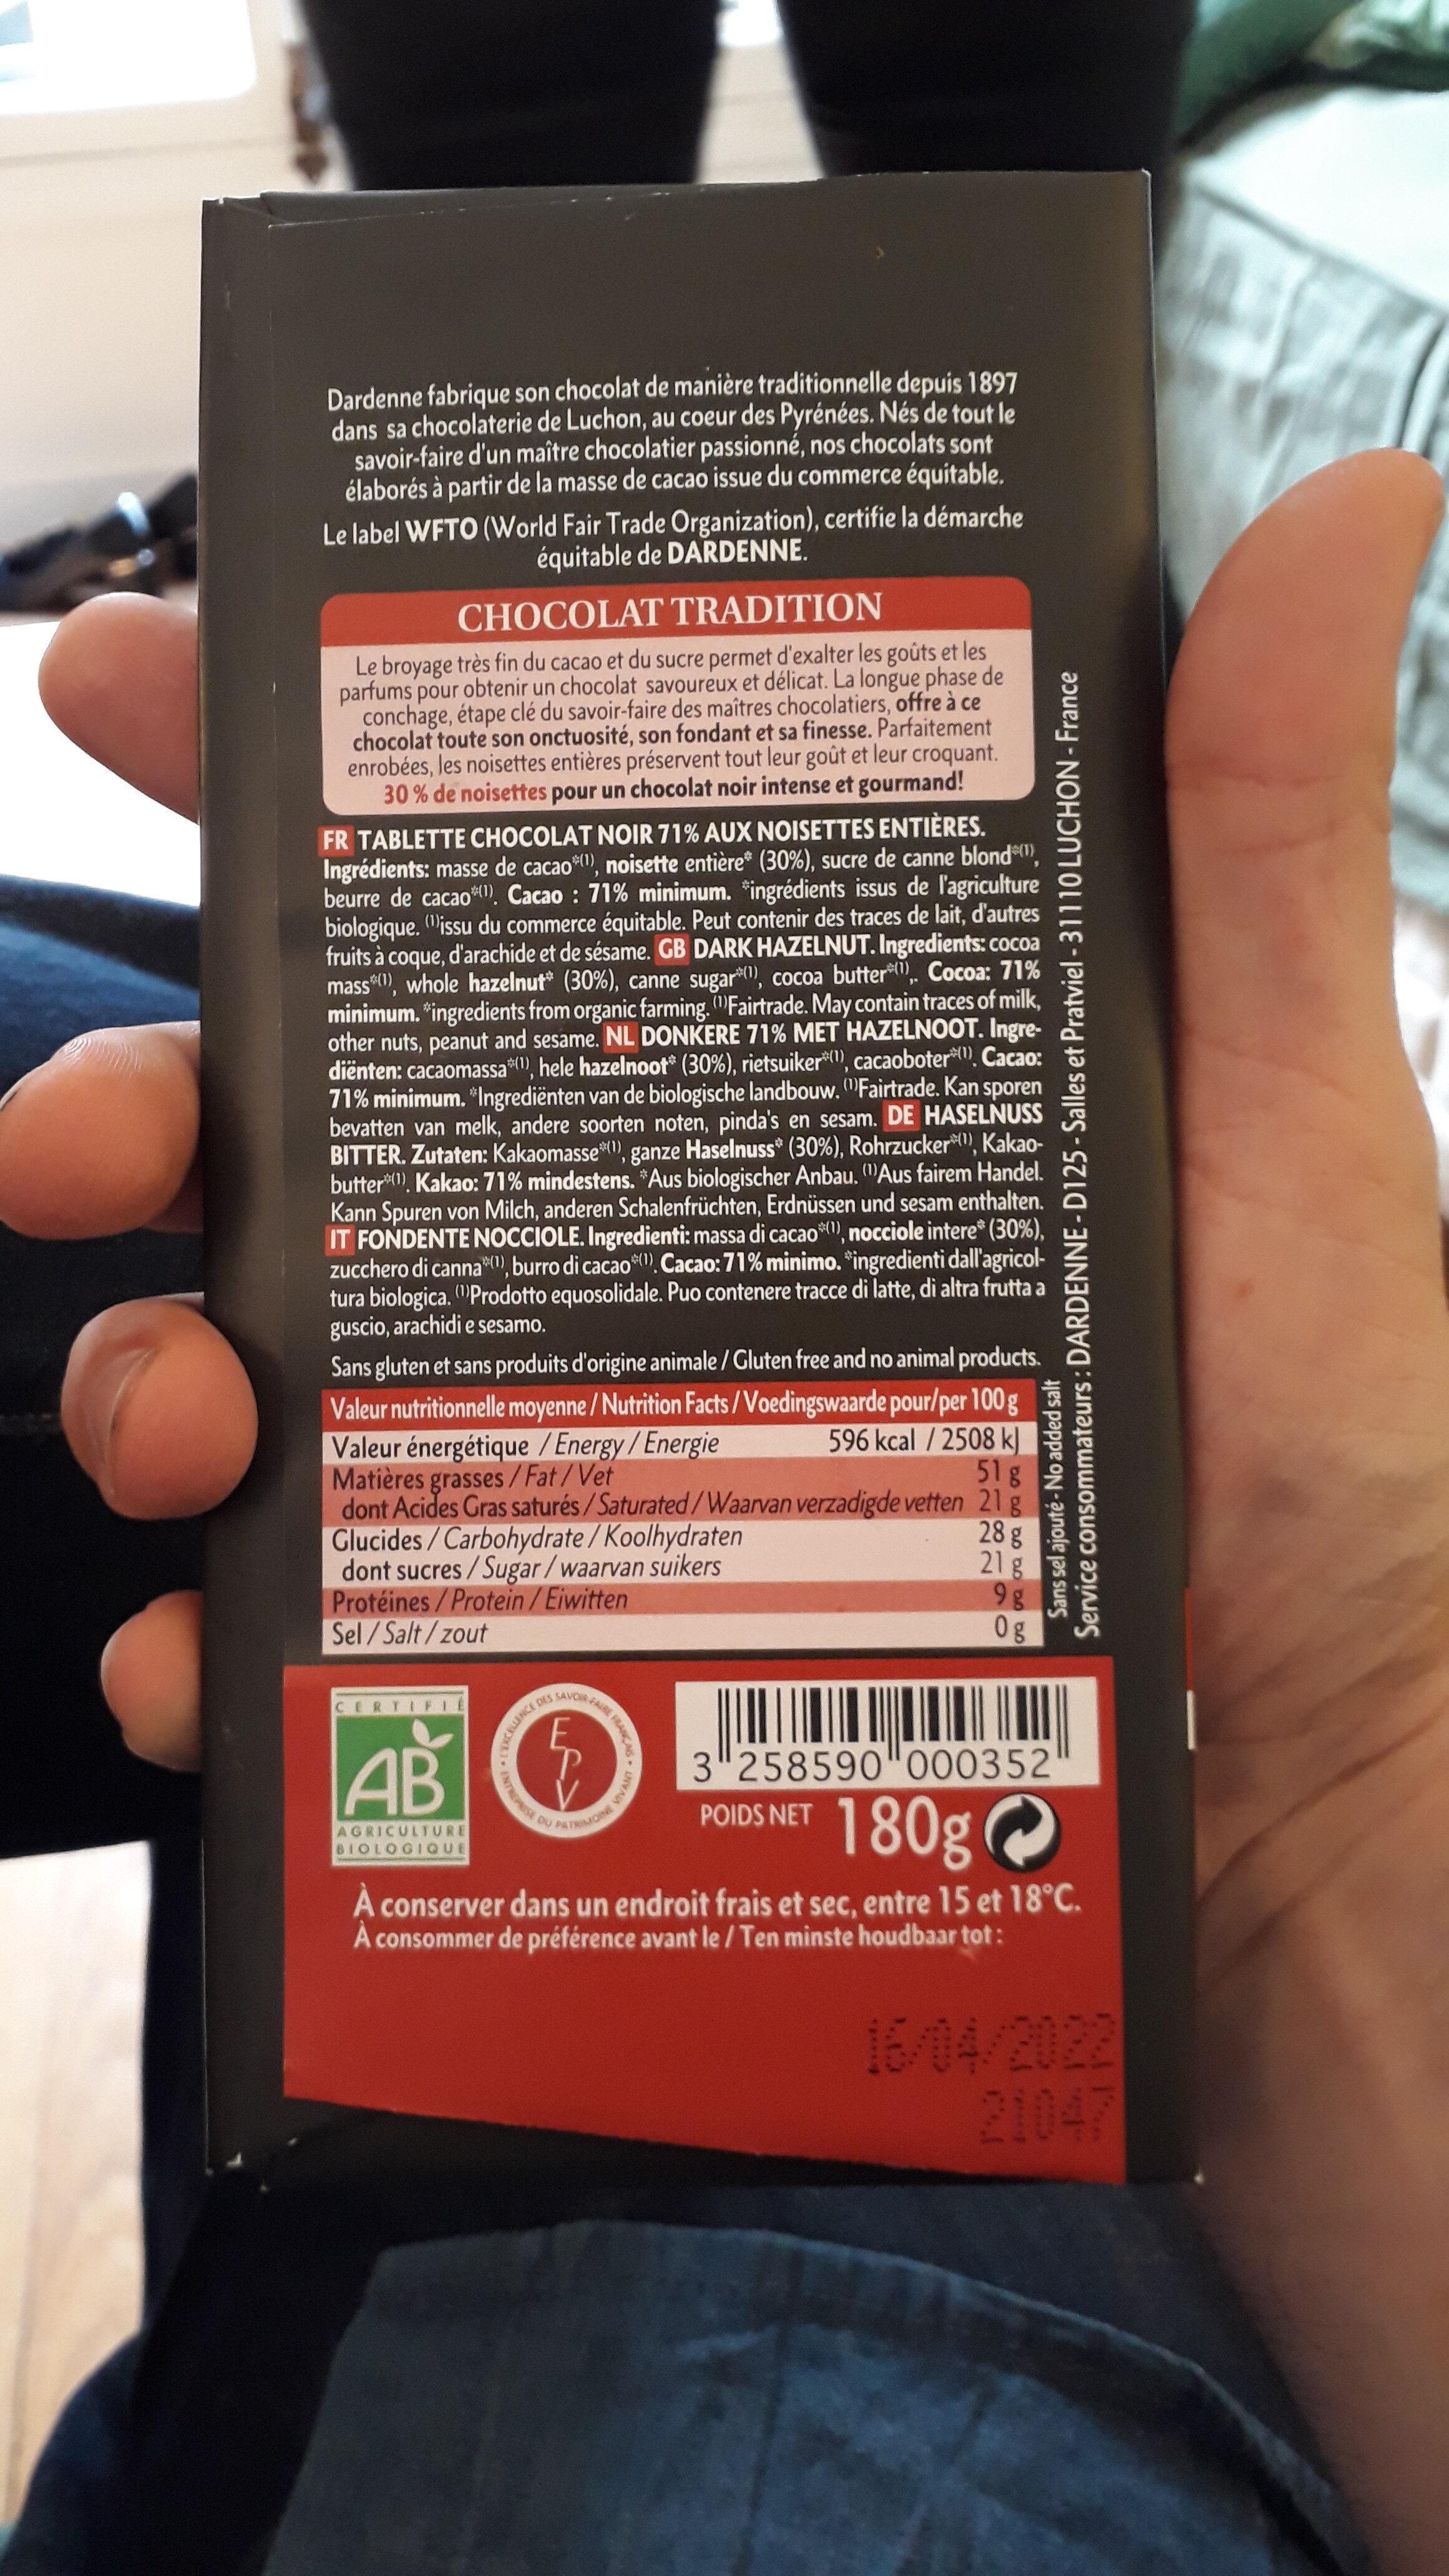 Noir 71% noisettes entières - Instruction de recyclage et/ou informations d'emballage - fr